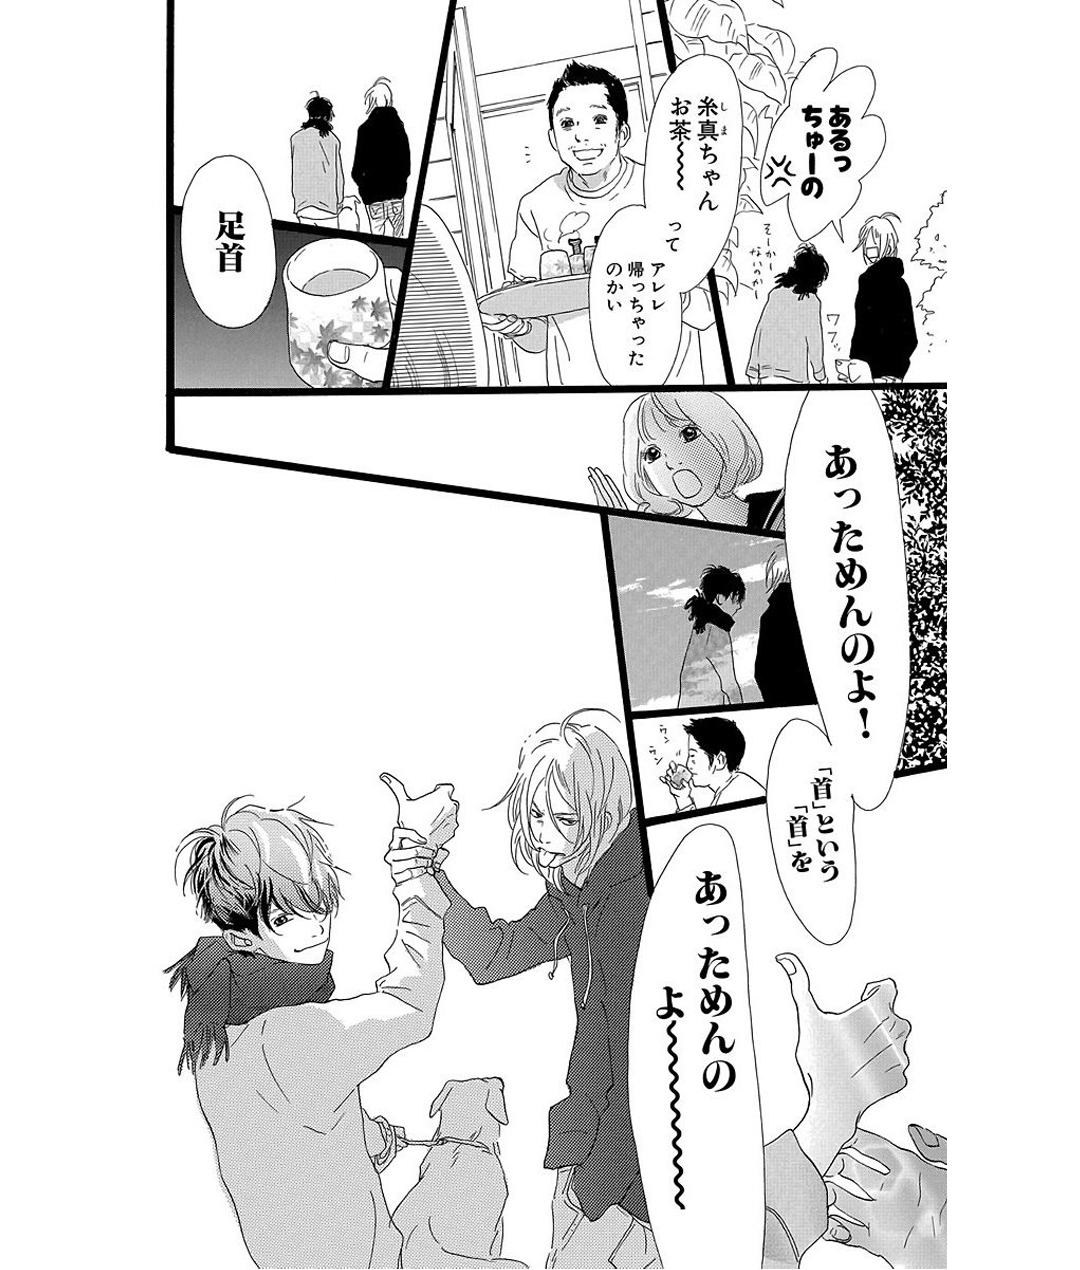 プリンシパル 第1話 試し読み_1_1-26